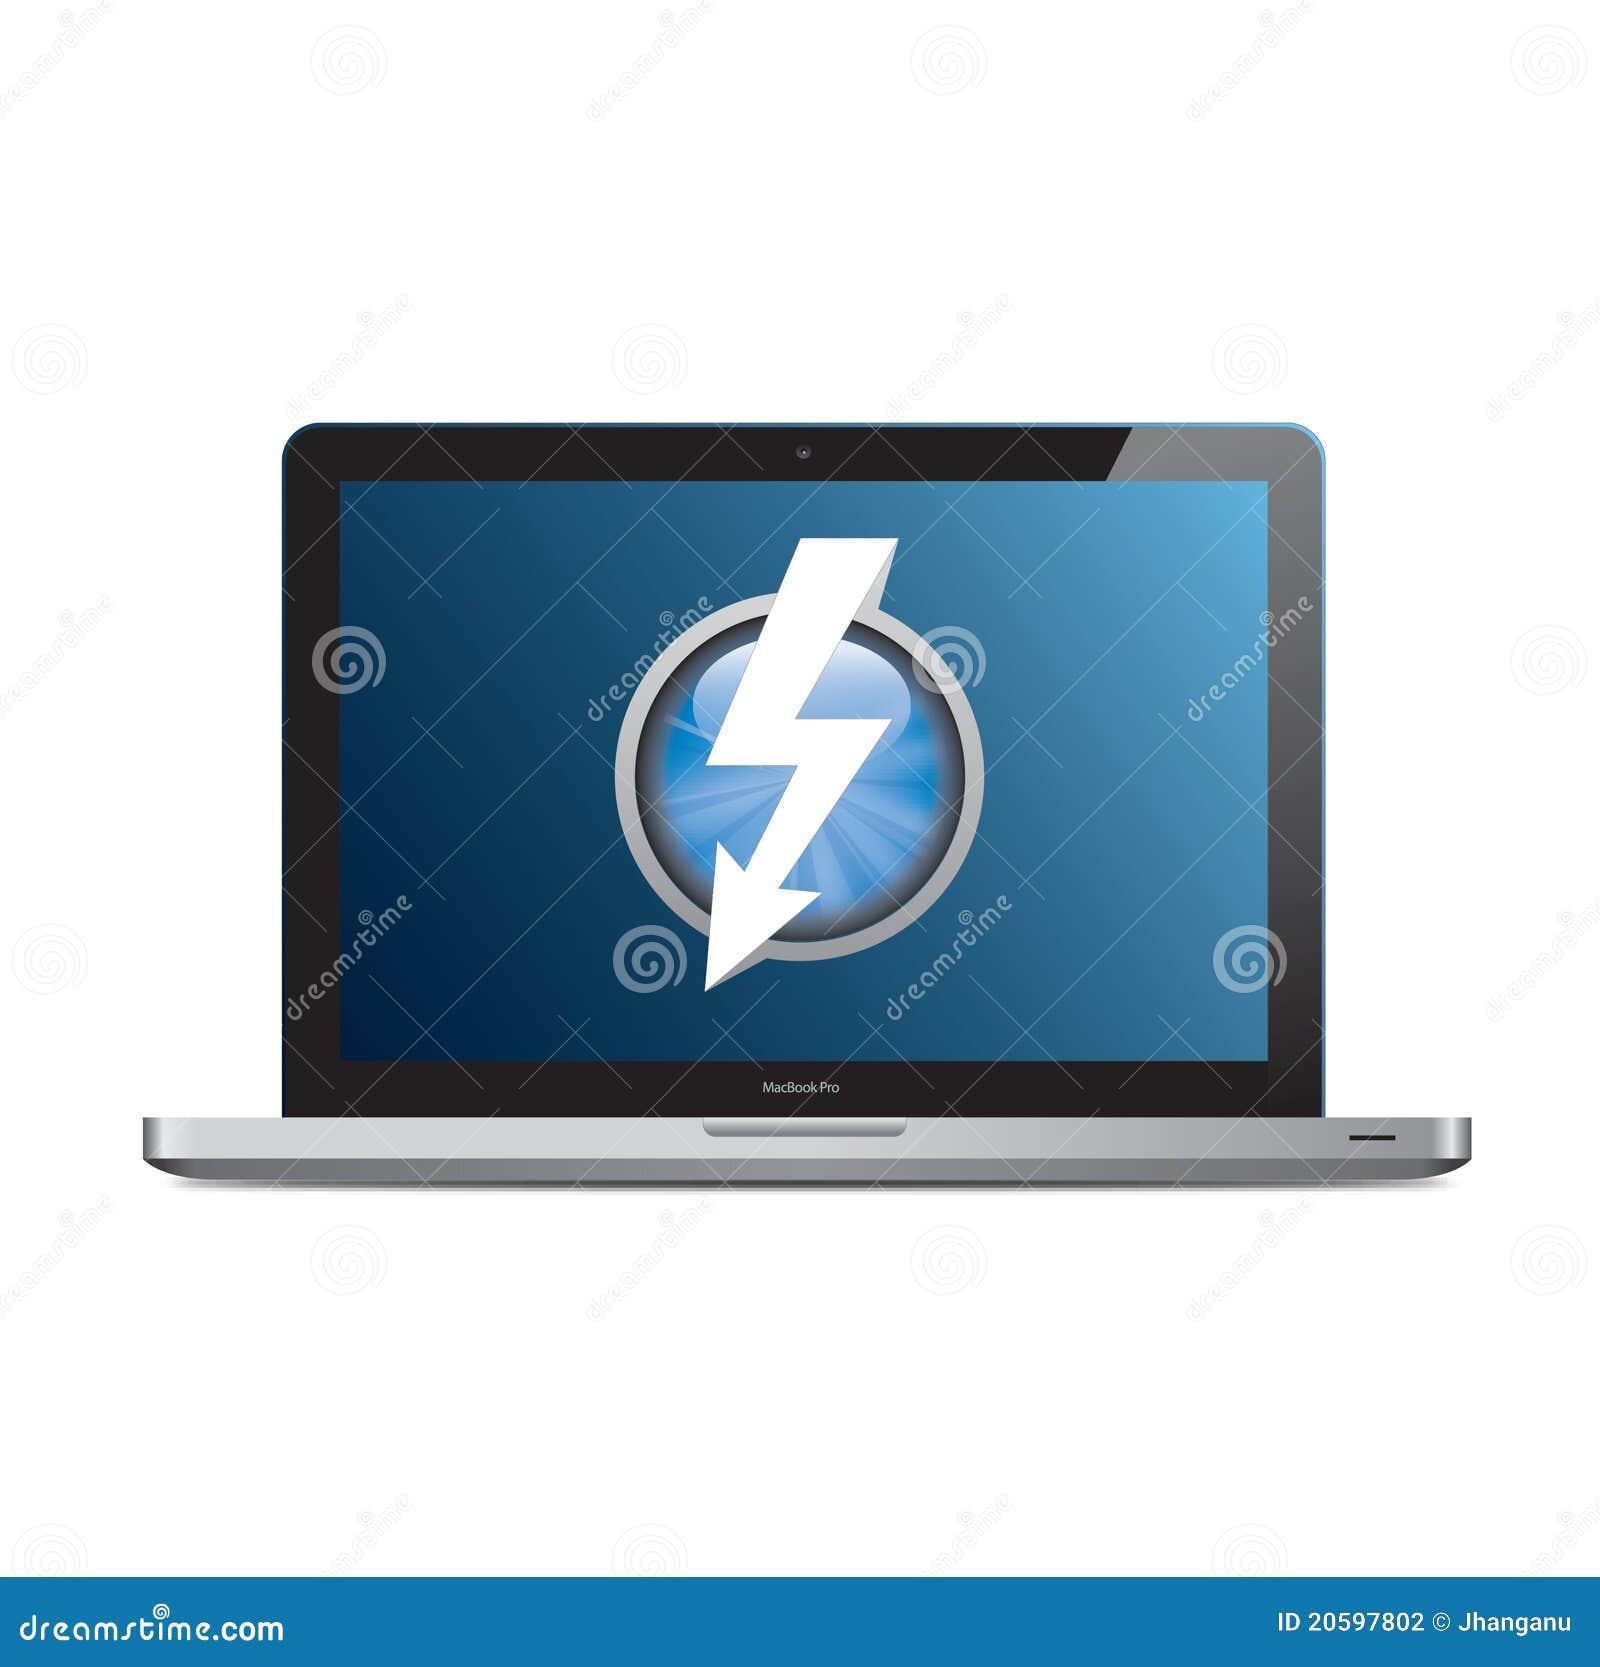 Apple MacBook Pro mit Thunderboltzeichen auf Bildschirm